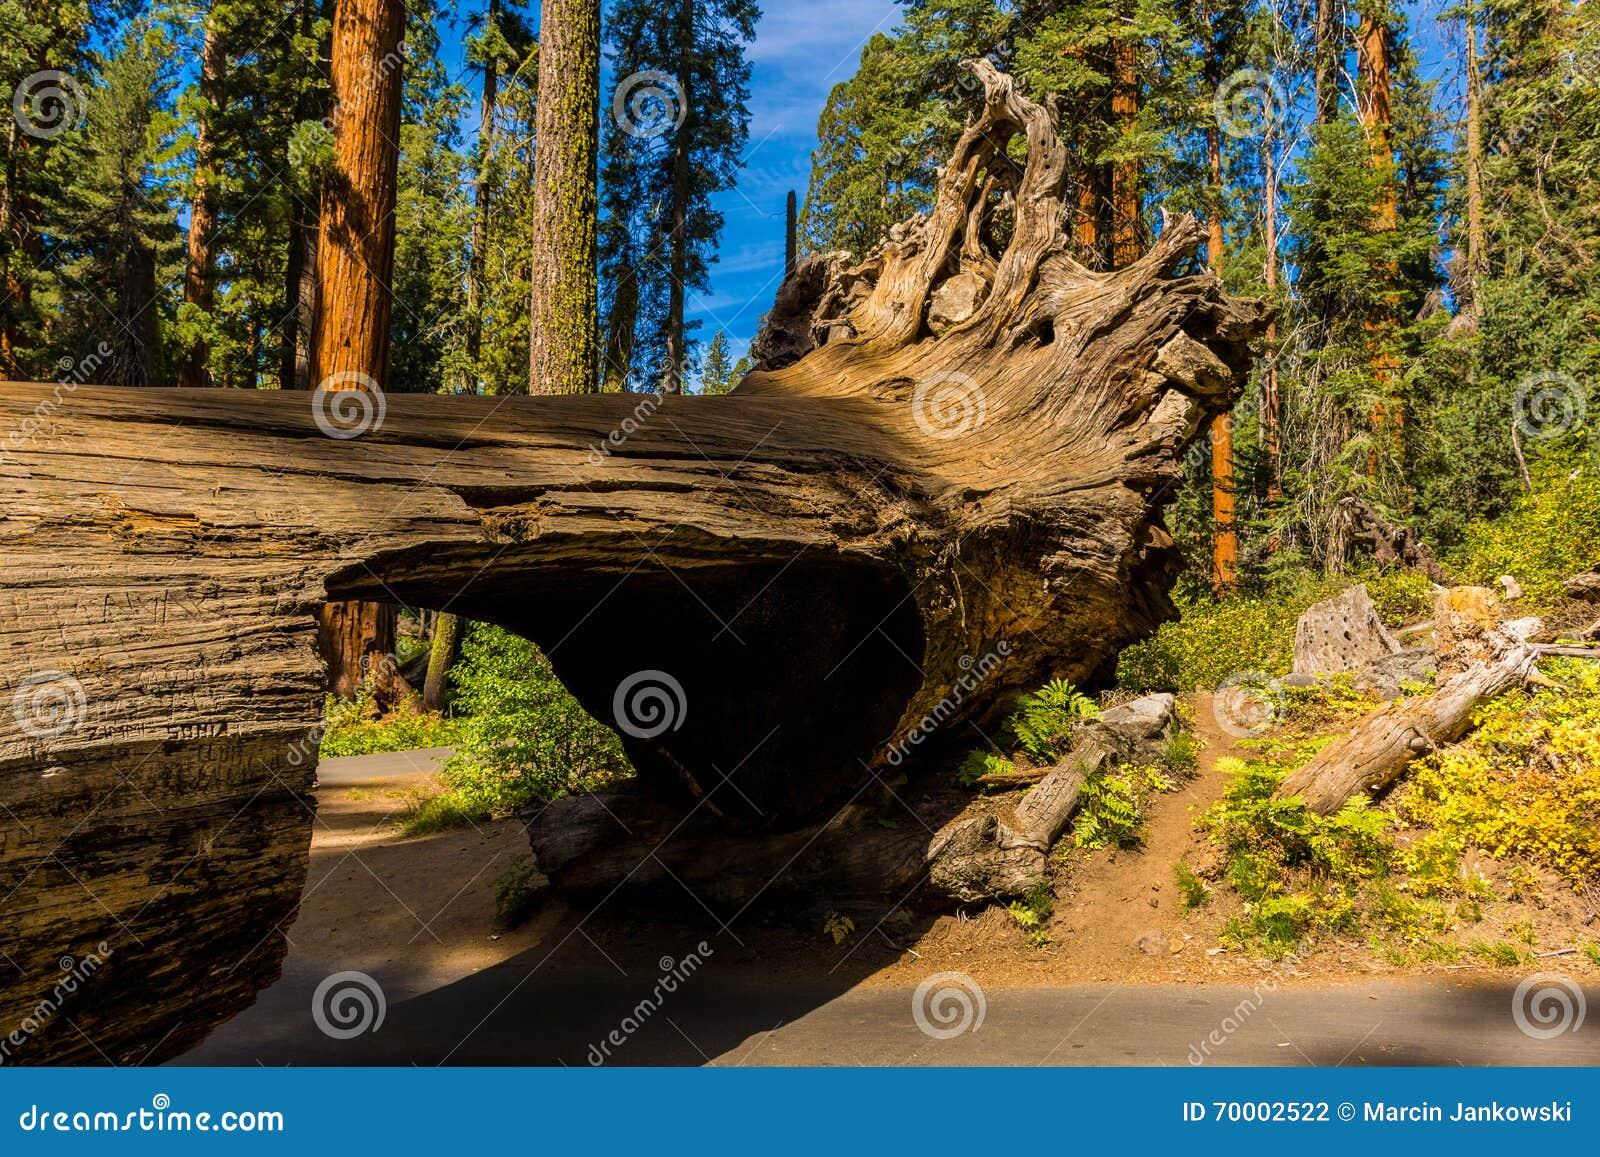 Κούτσουρο σηράγγων, γιγαντιαίο δάσος, Καλιφόρνια ΗΠΑ